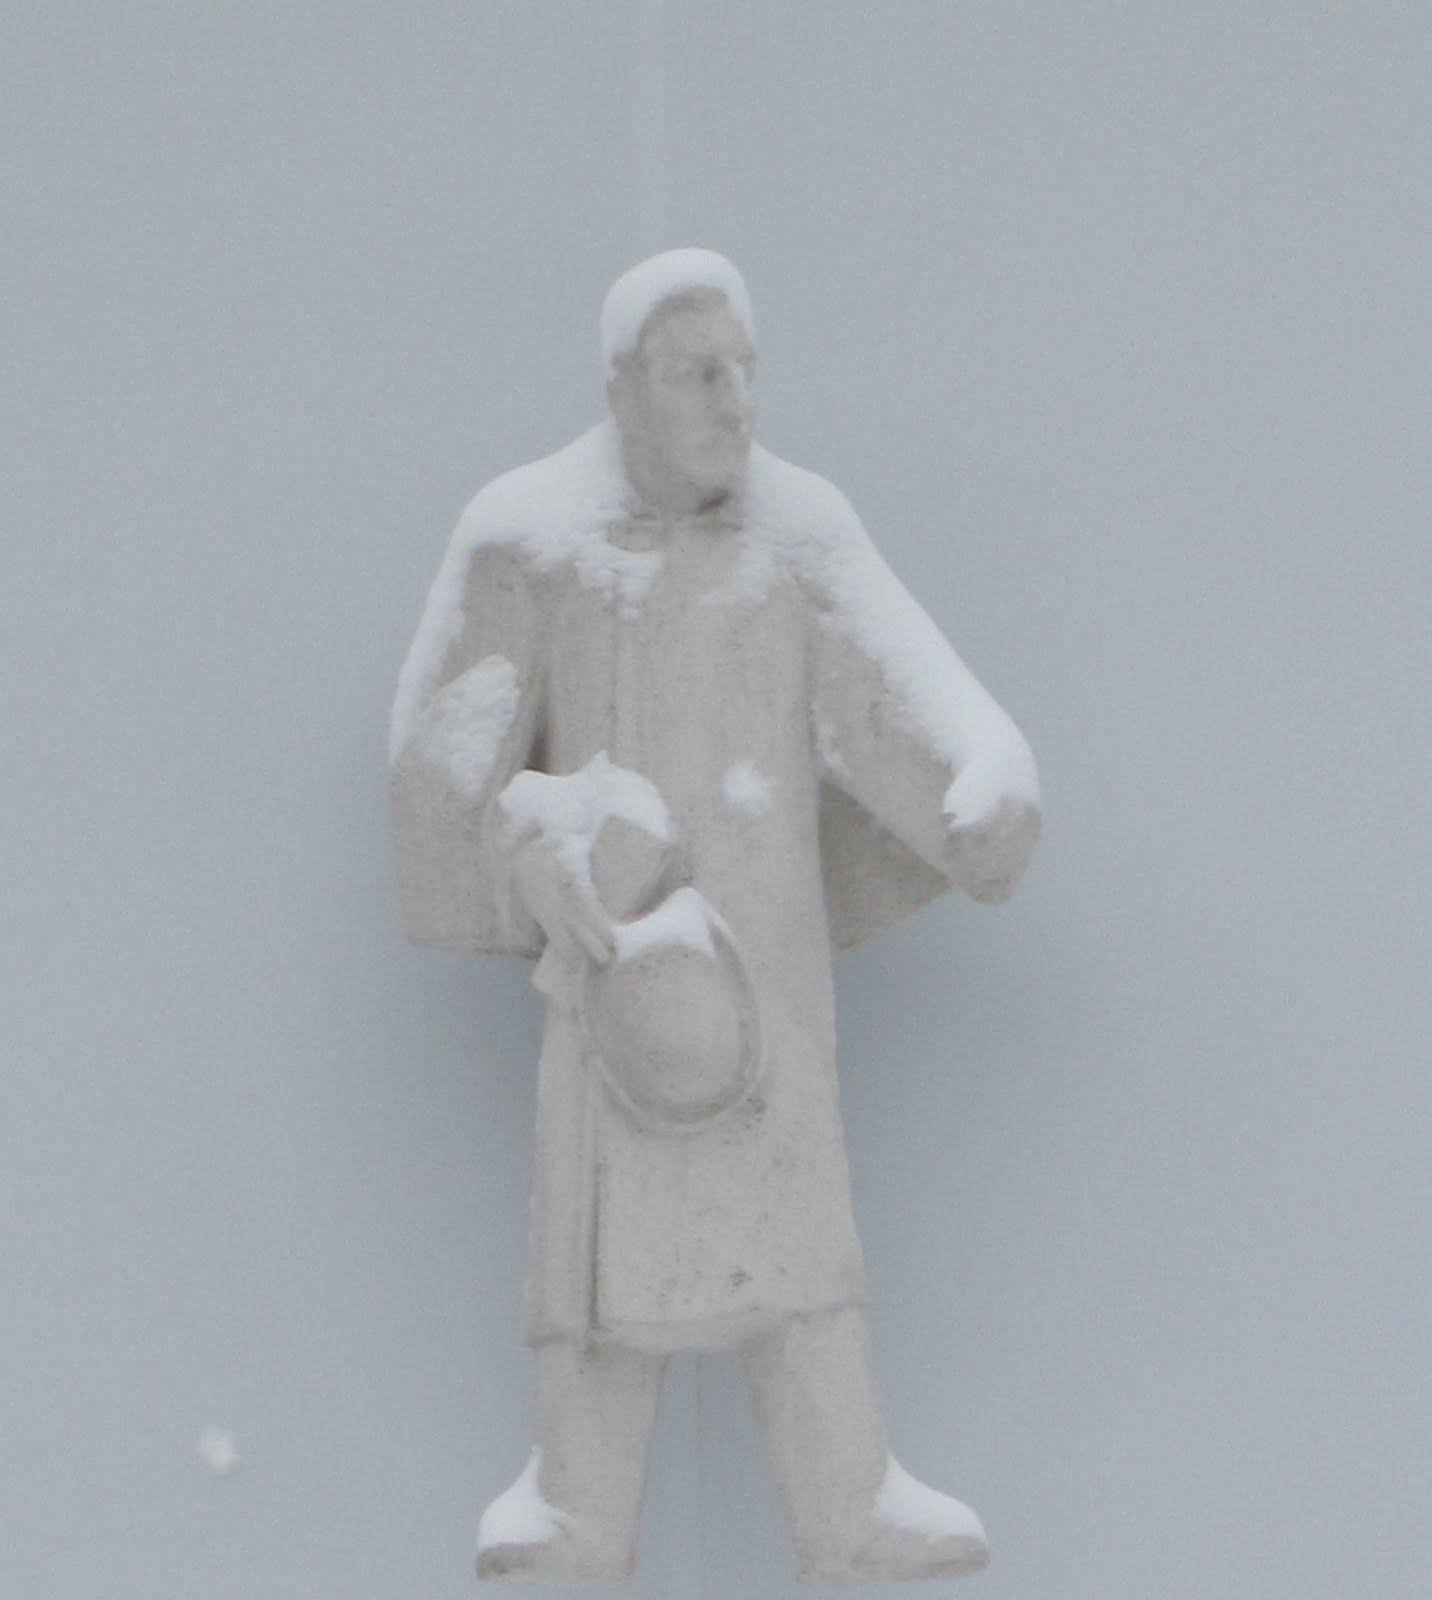 beeldende kunst sneeuwpop